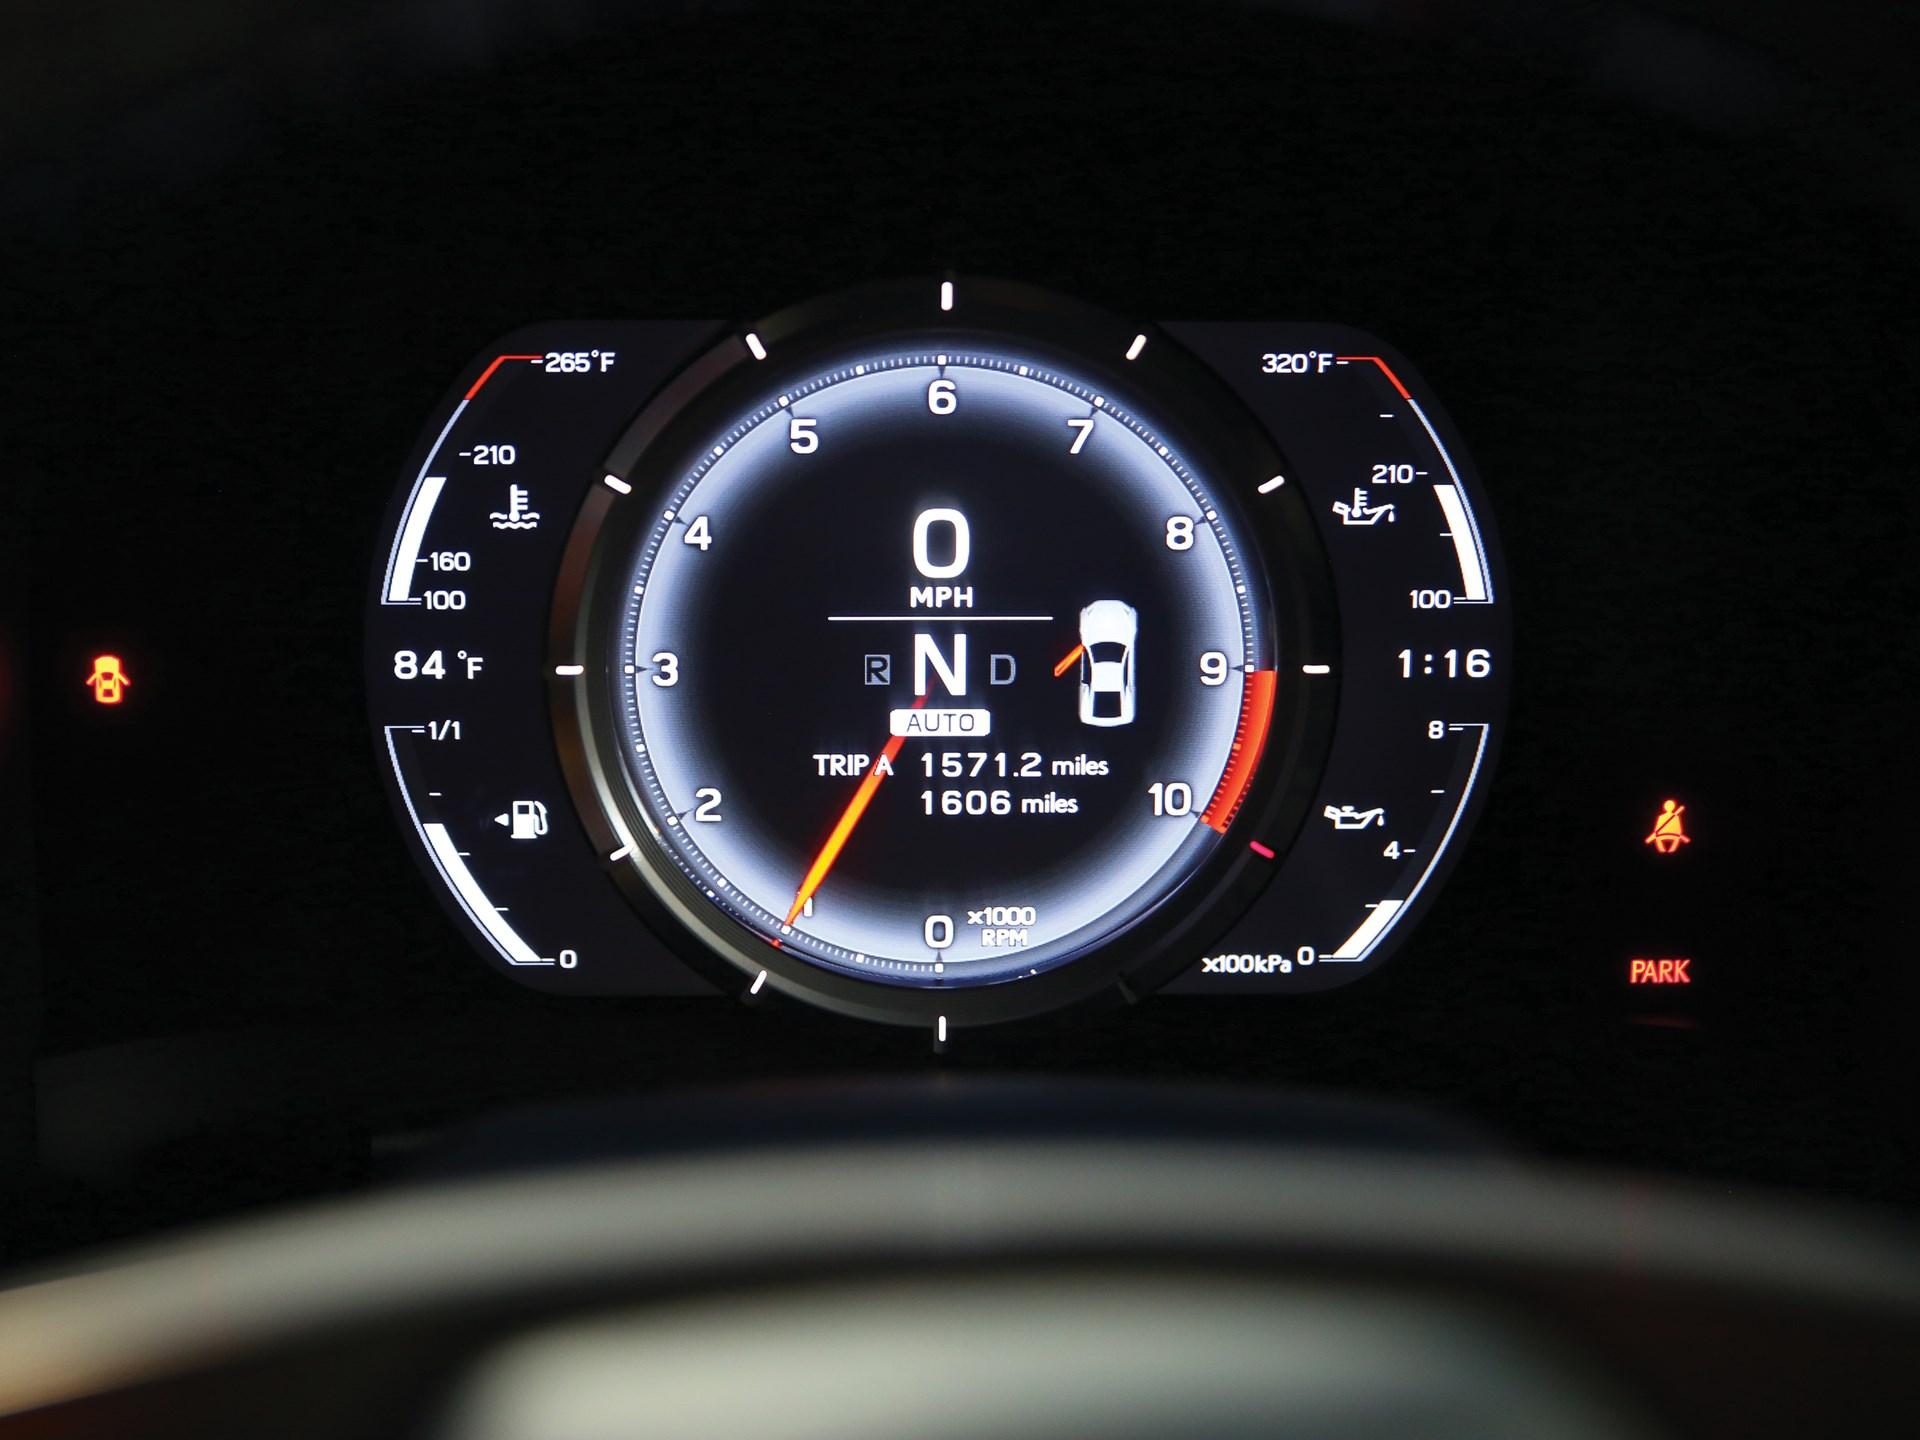 2012 Lexus LFA Nürburgring Package gauges